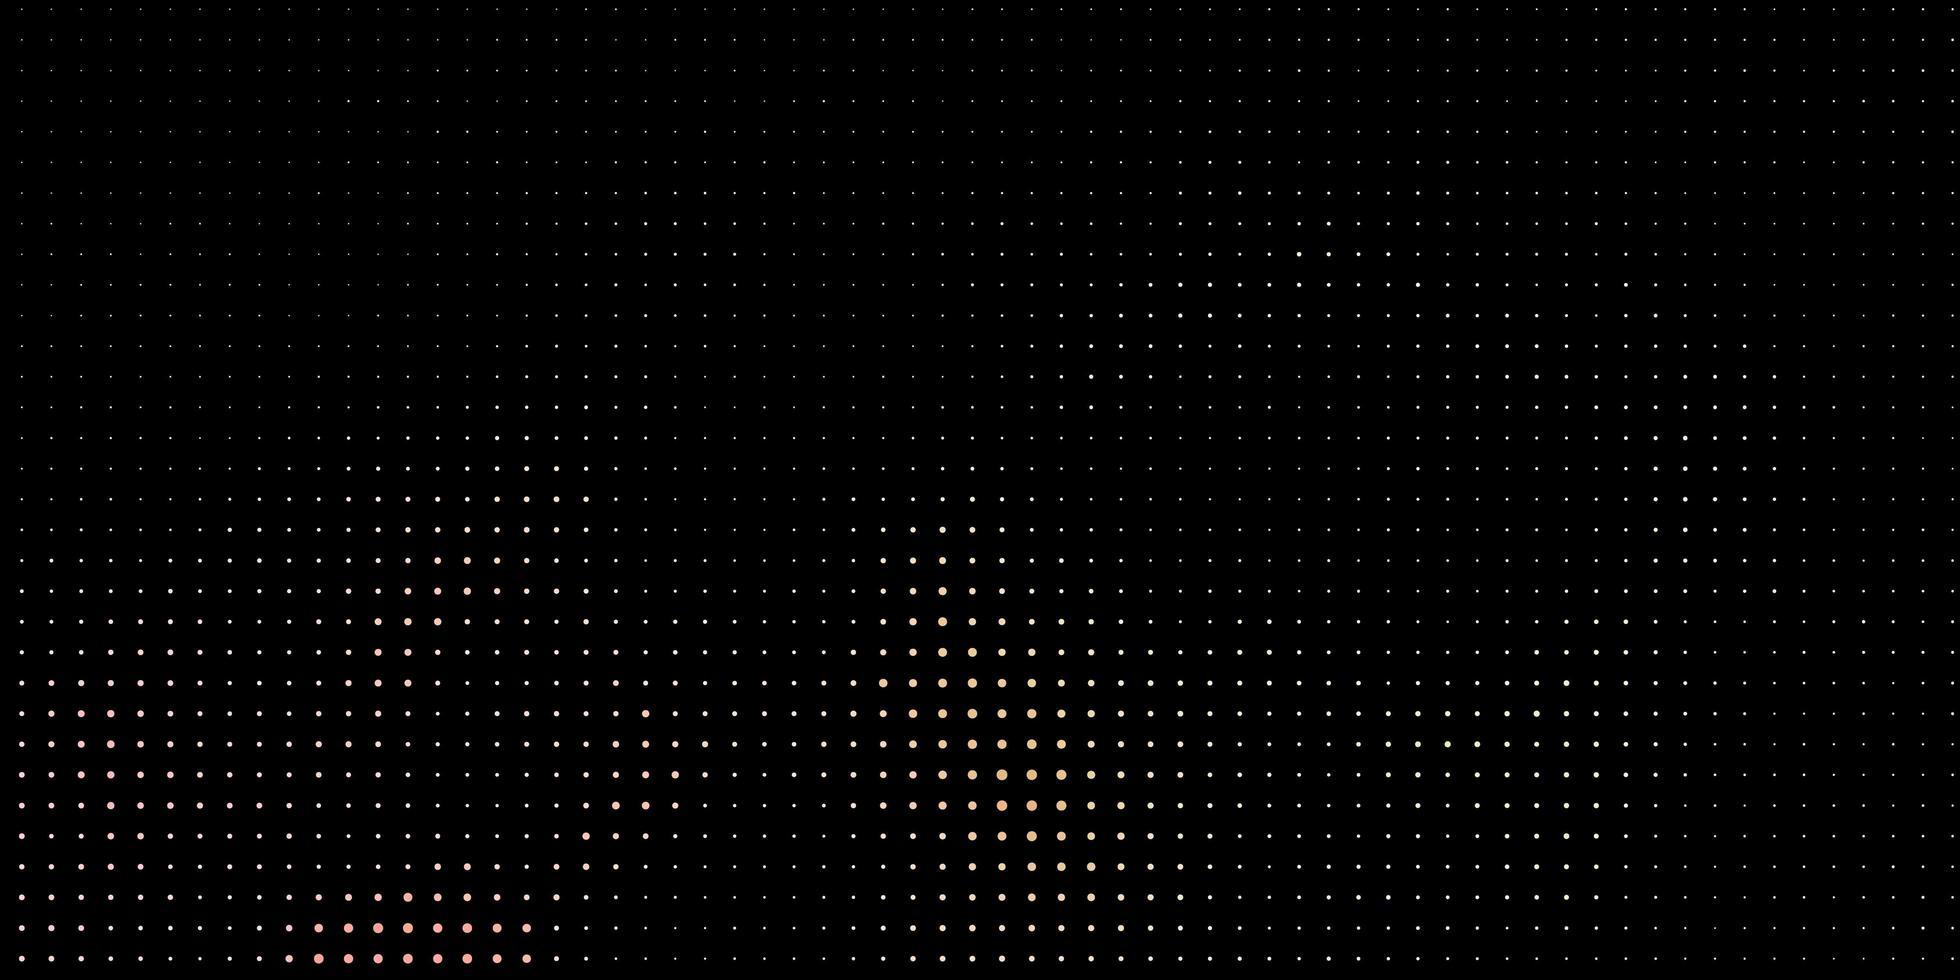 schwarzer Hintergrund mit gelben Punkten. vektor